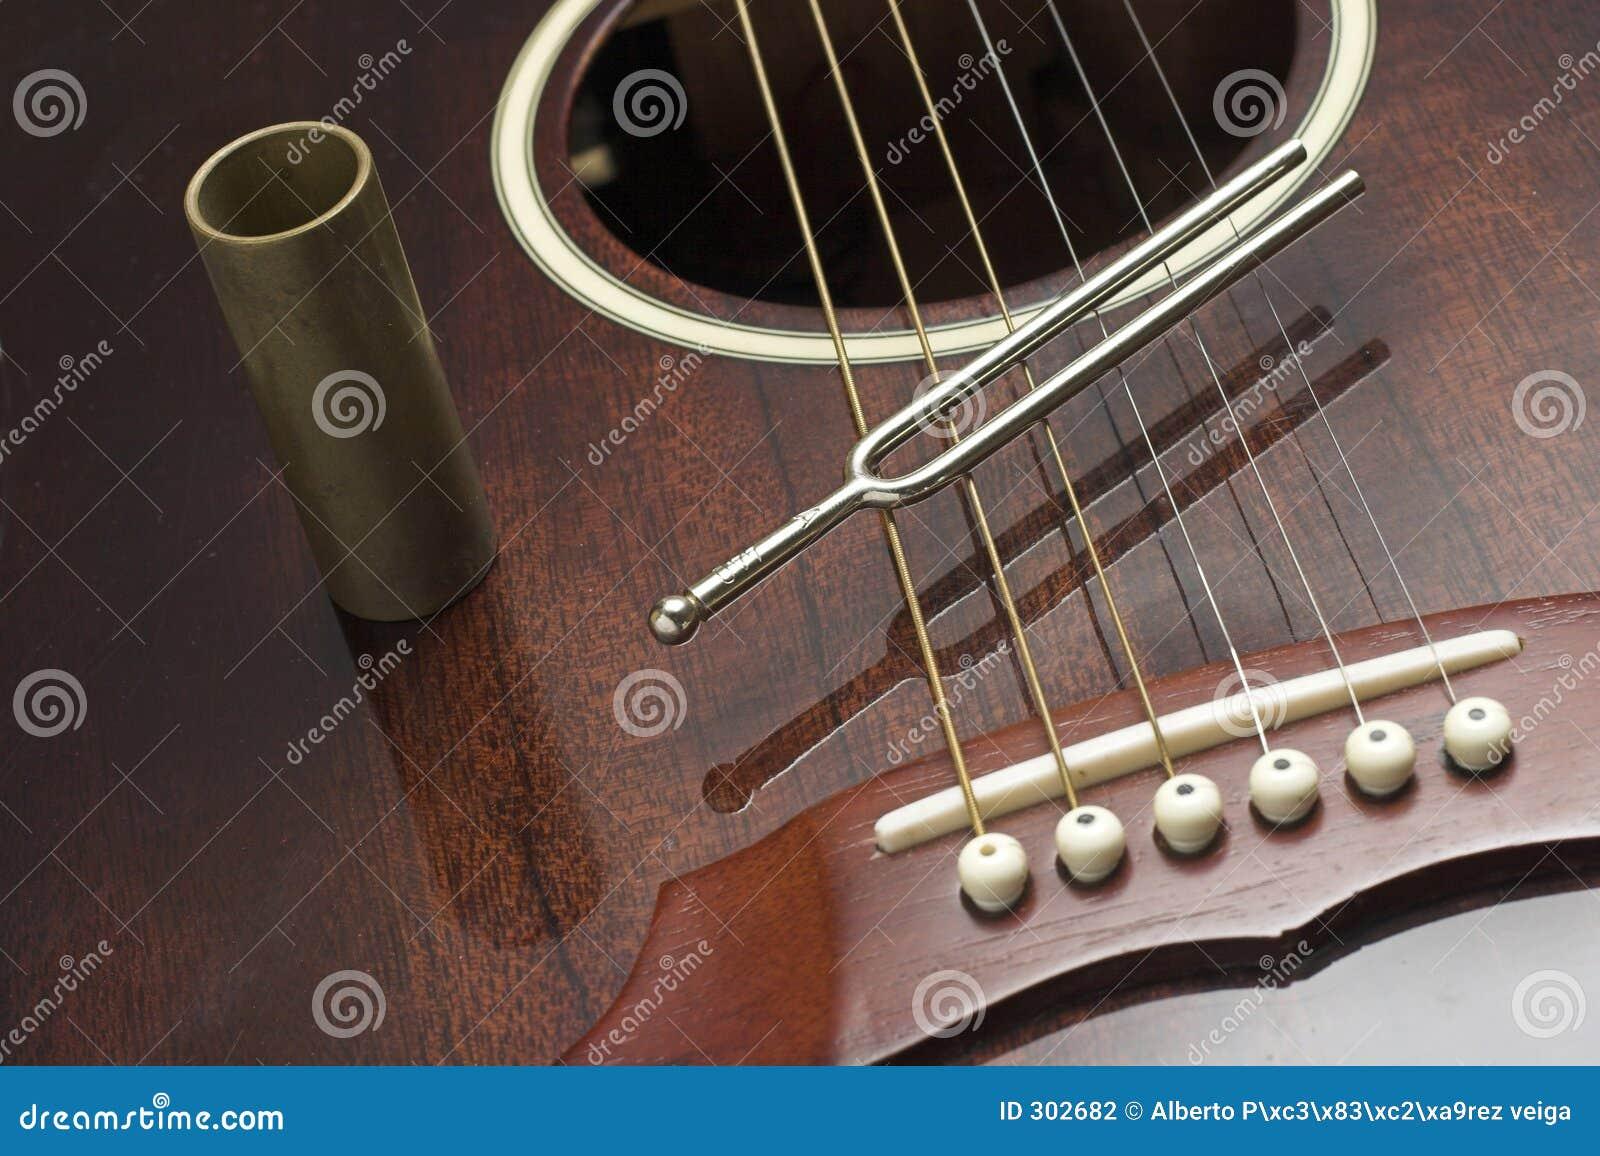 Diapazon gitara